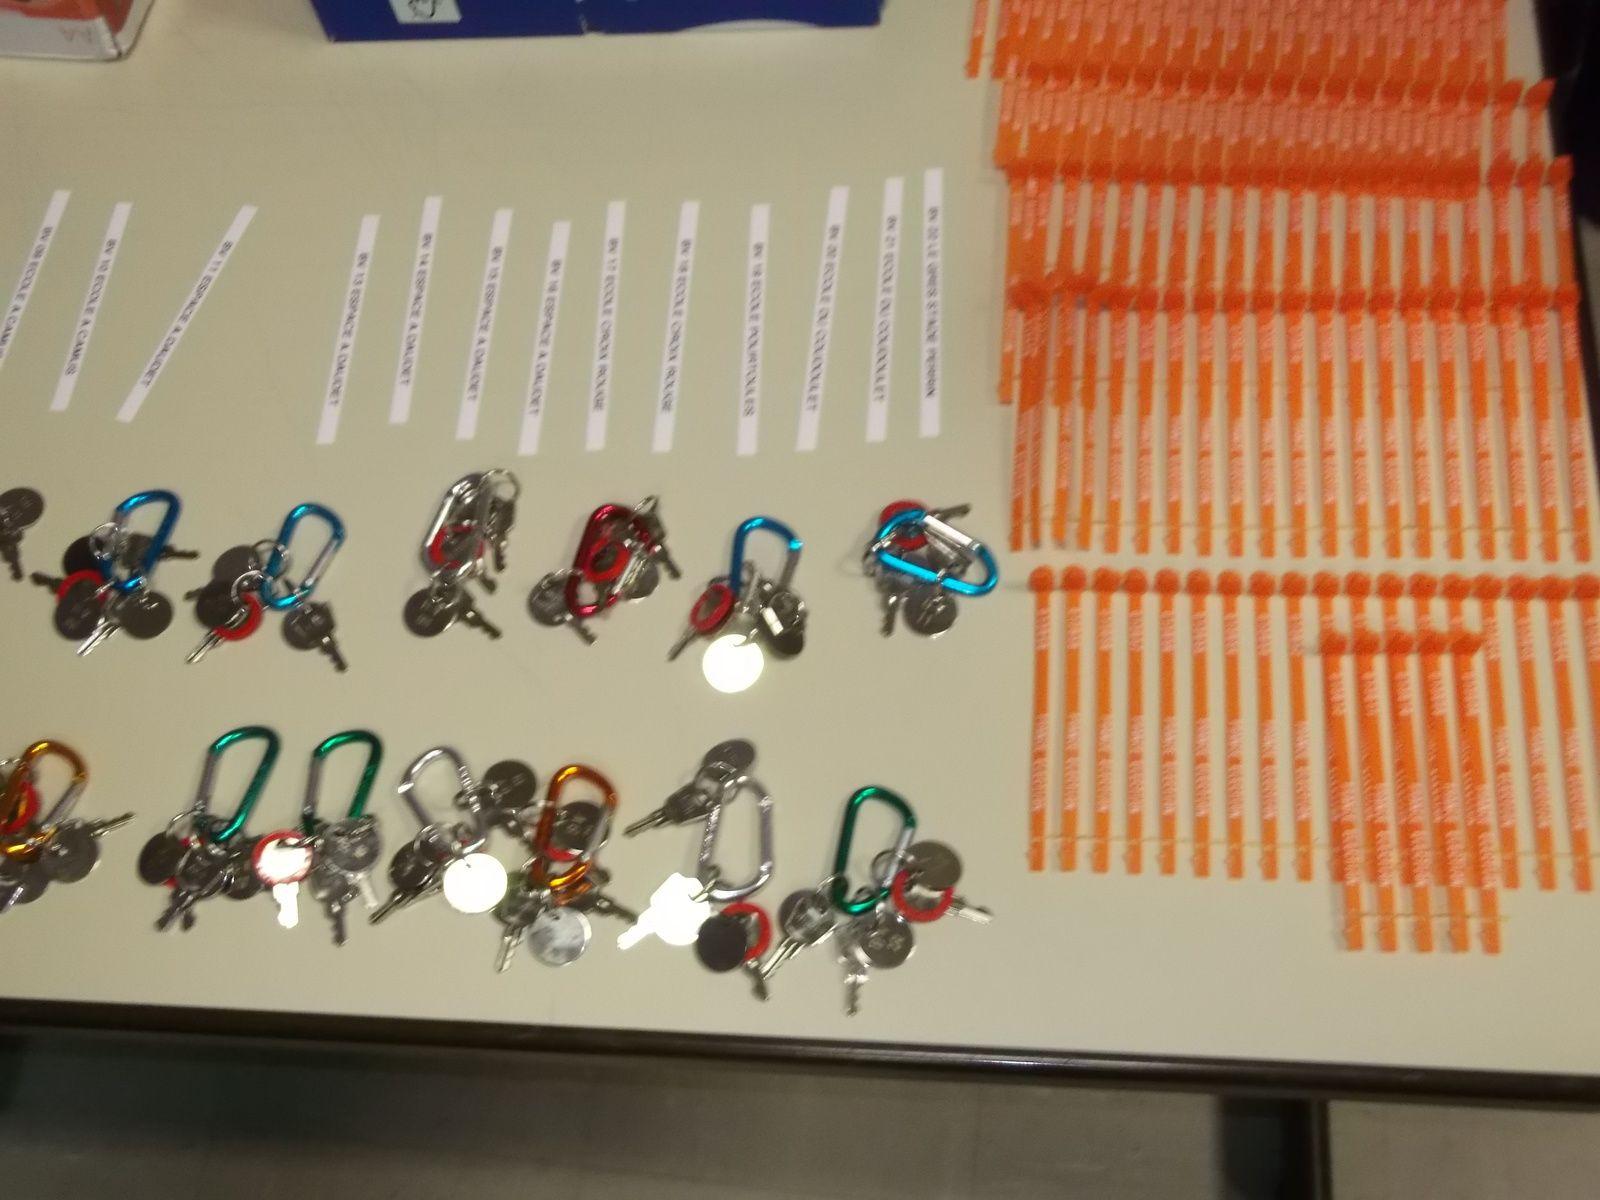 Les étiquettes d'identification, scellés de sécurité? plastique orange, les jeux de clefs interchangeables...